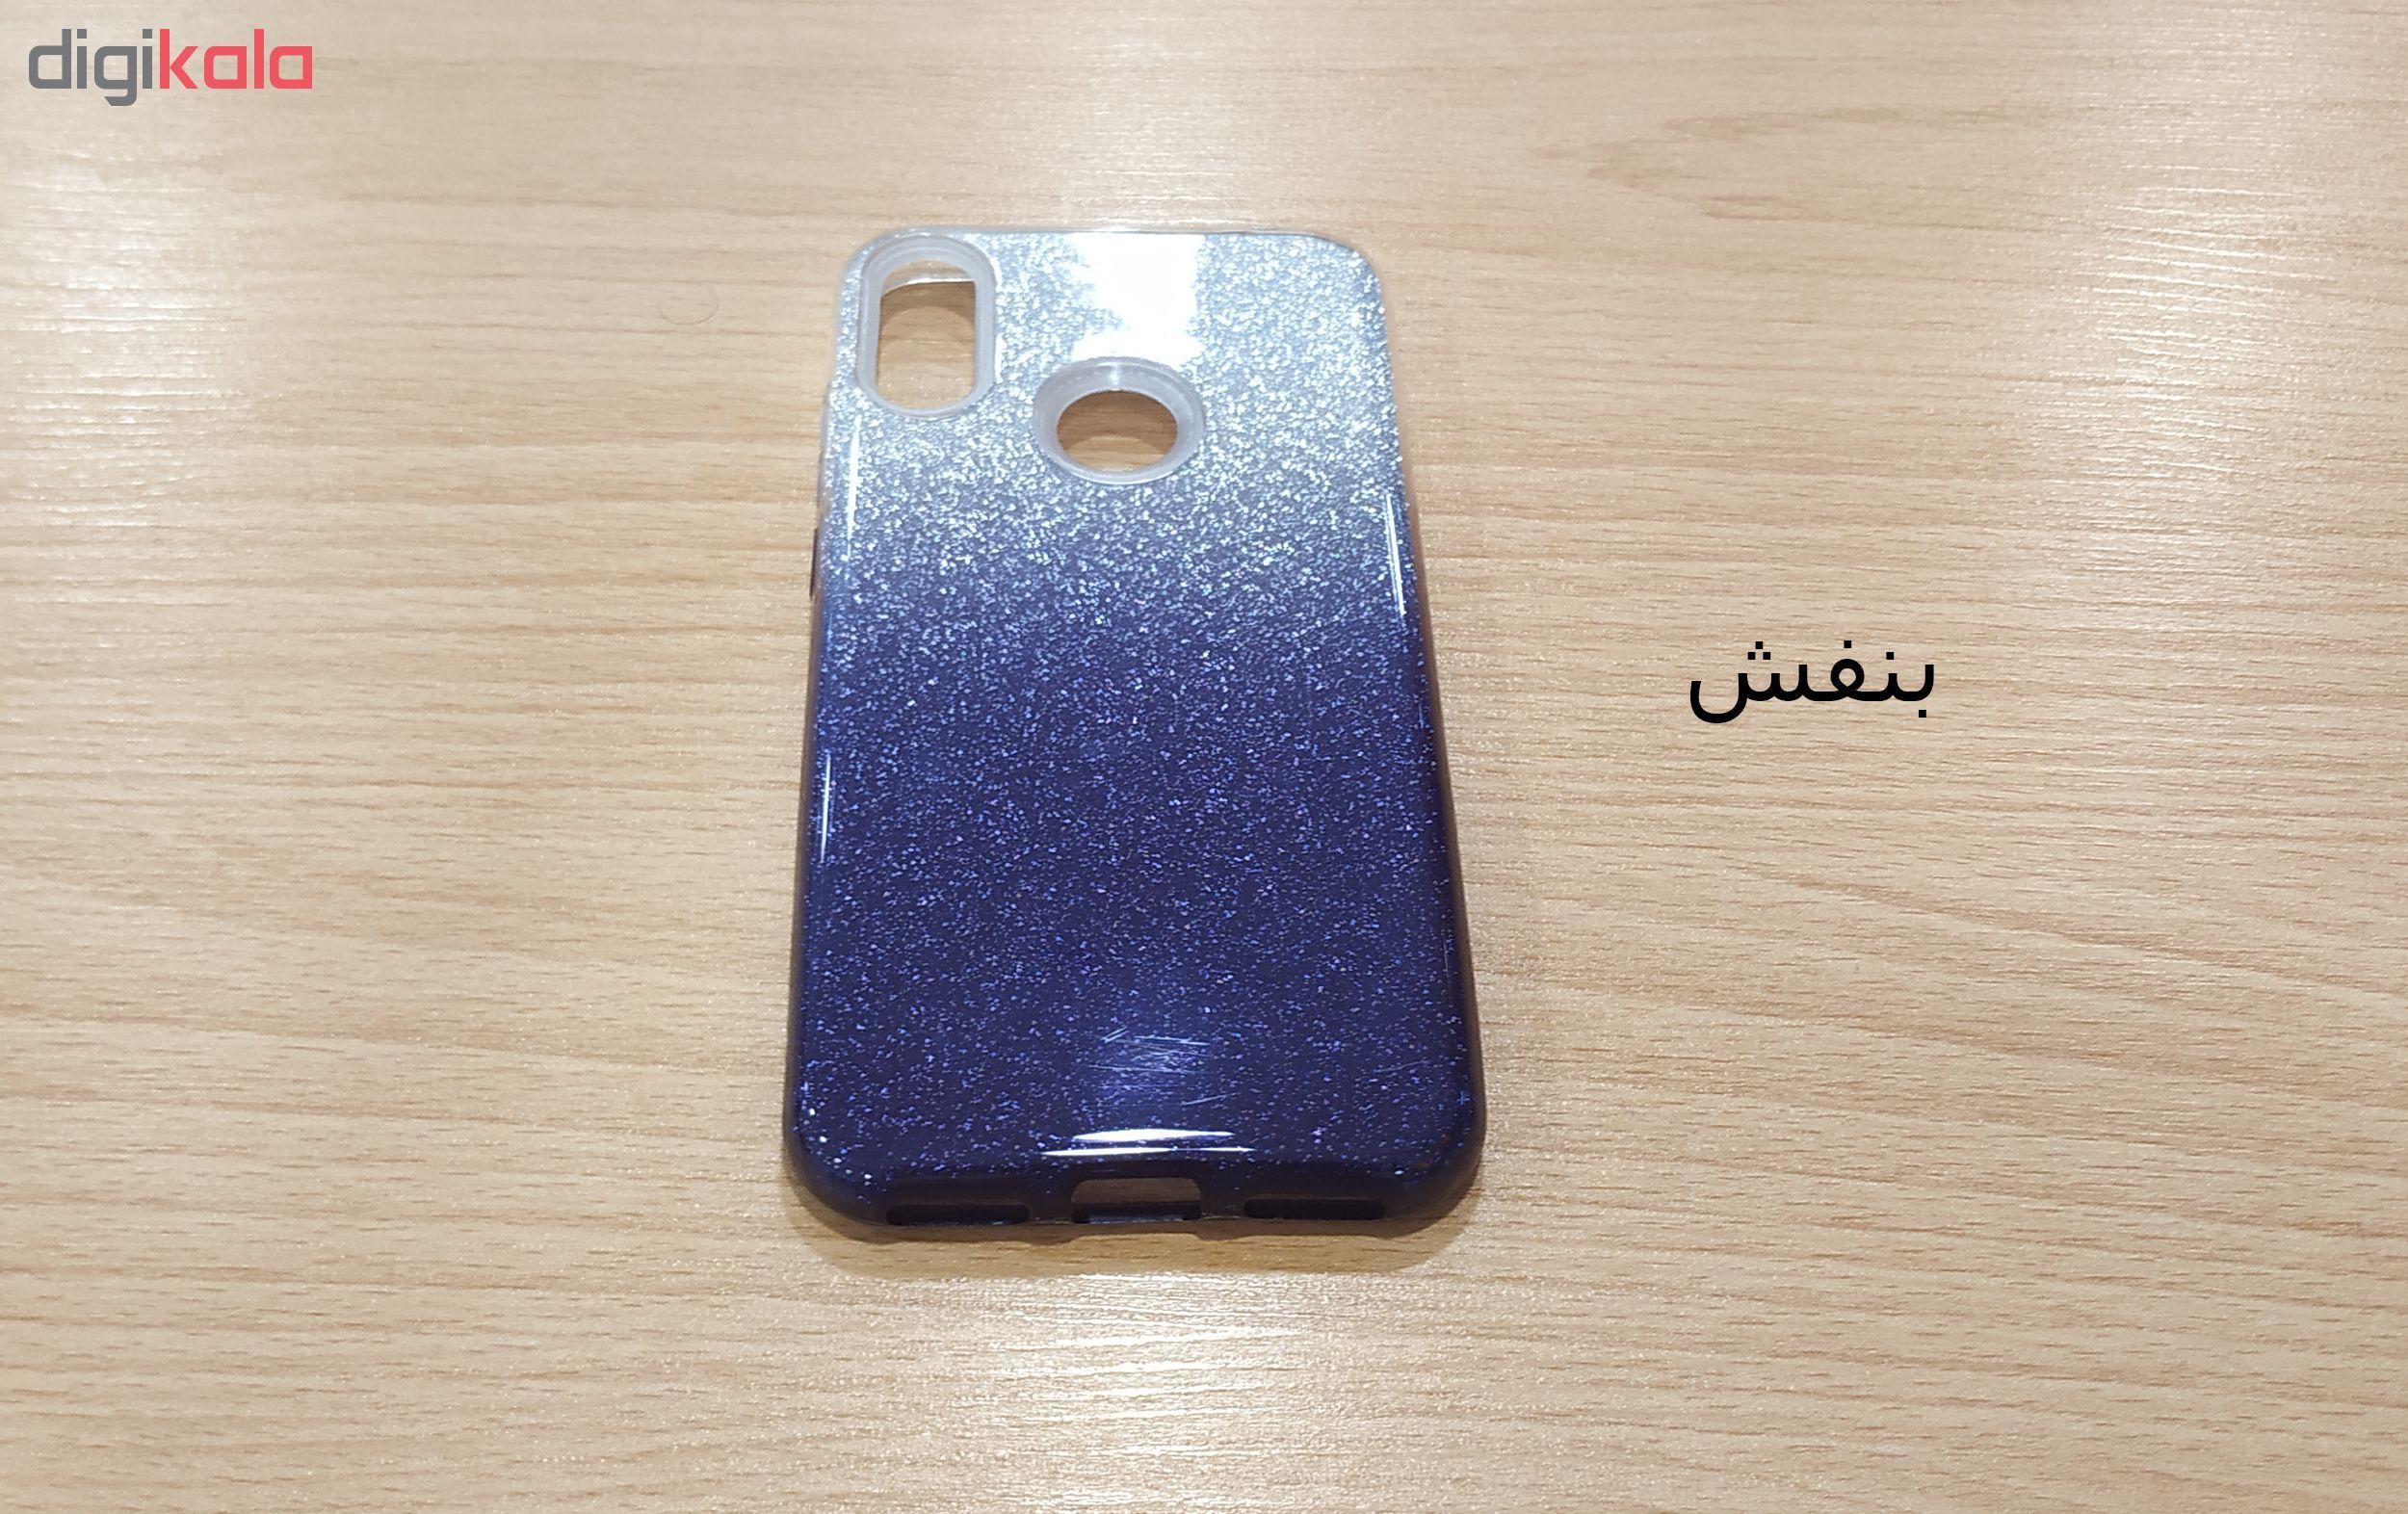 کاور مدل FSH-10 مناسب برای گوشی موبایل هوآوی Y6 2019/آنر 8A main 1 3